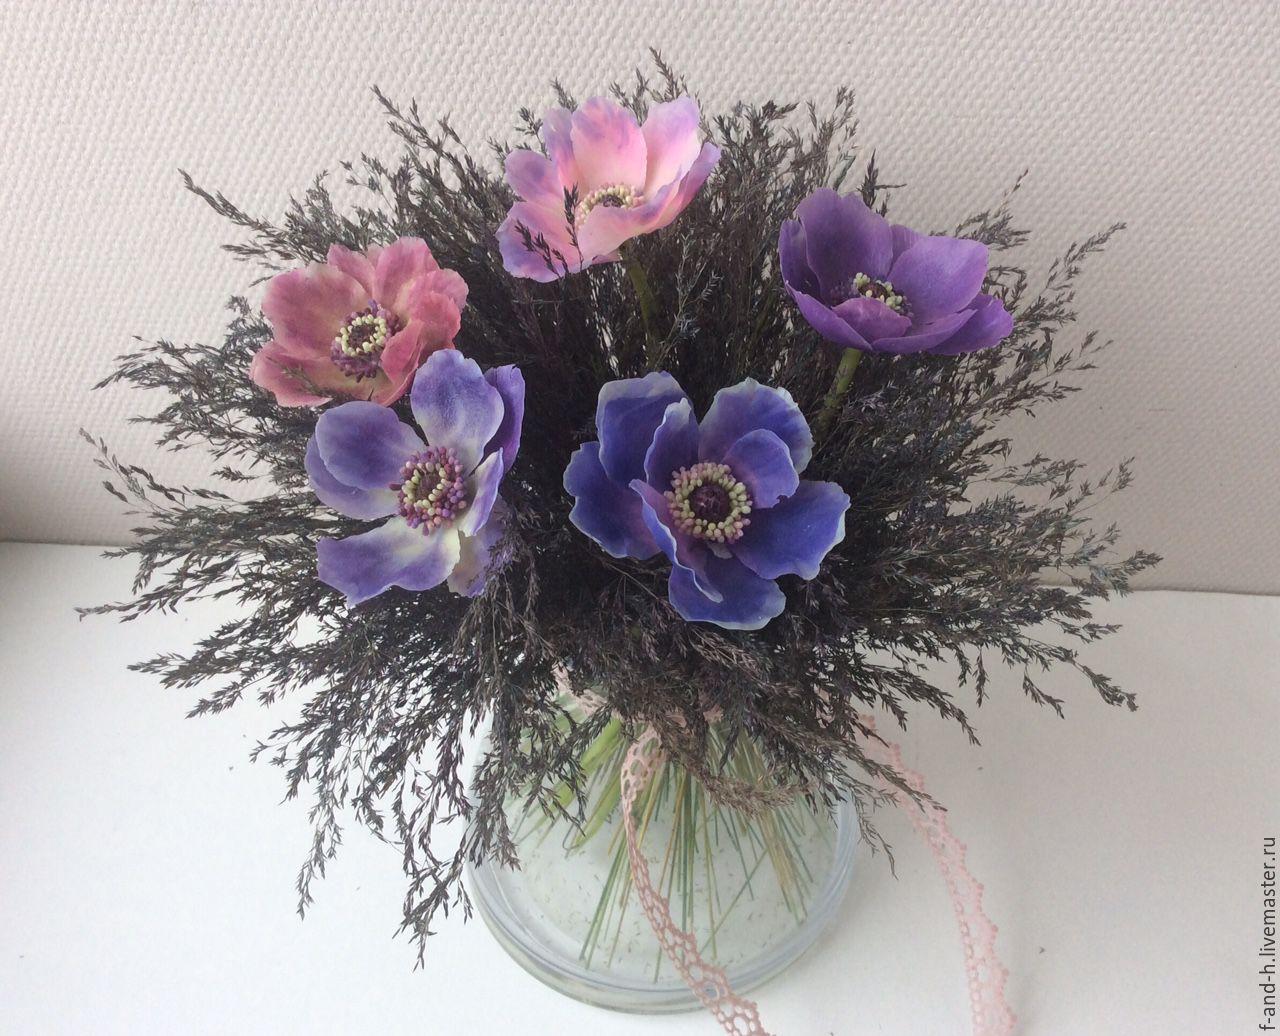 Цветы ручной работы купить екатеринбург купить картину маслом незабудки розы белые сирень в интернет магазине